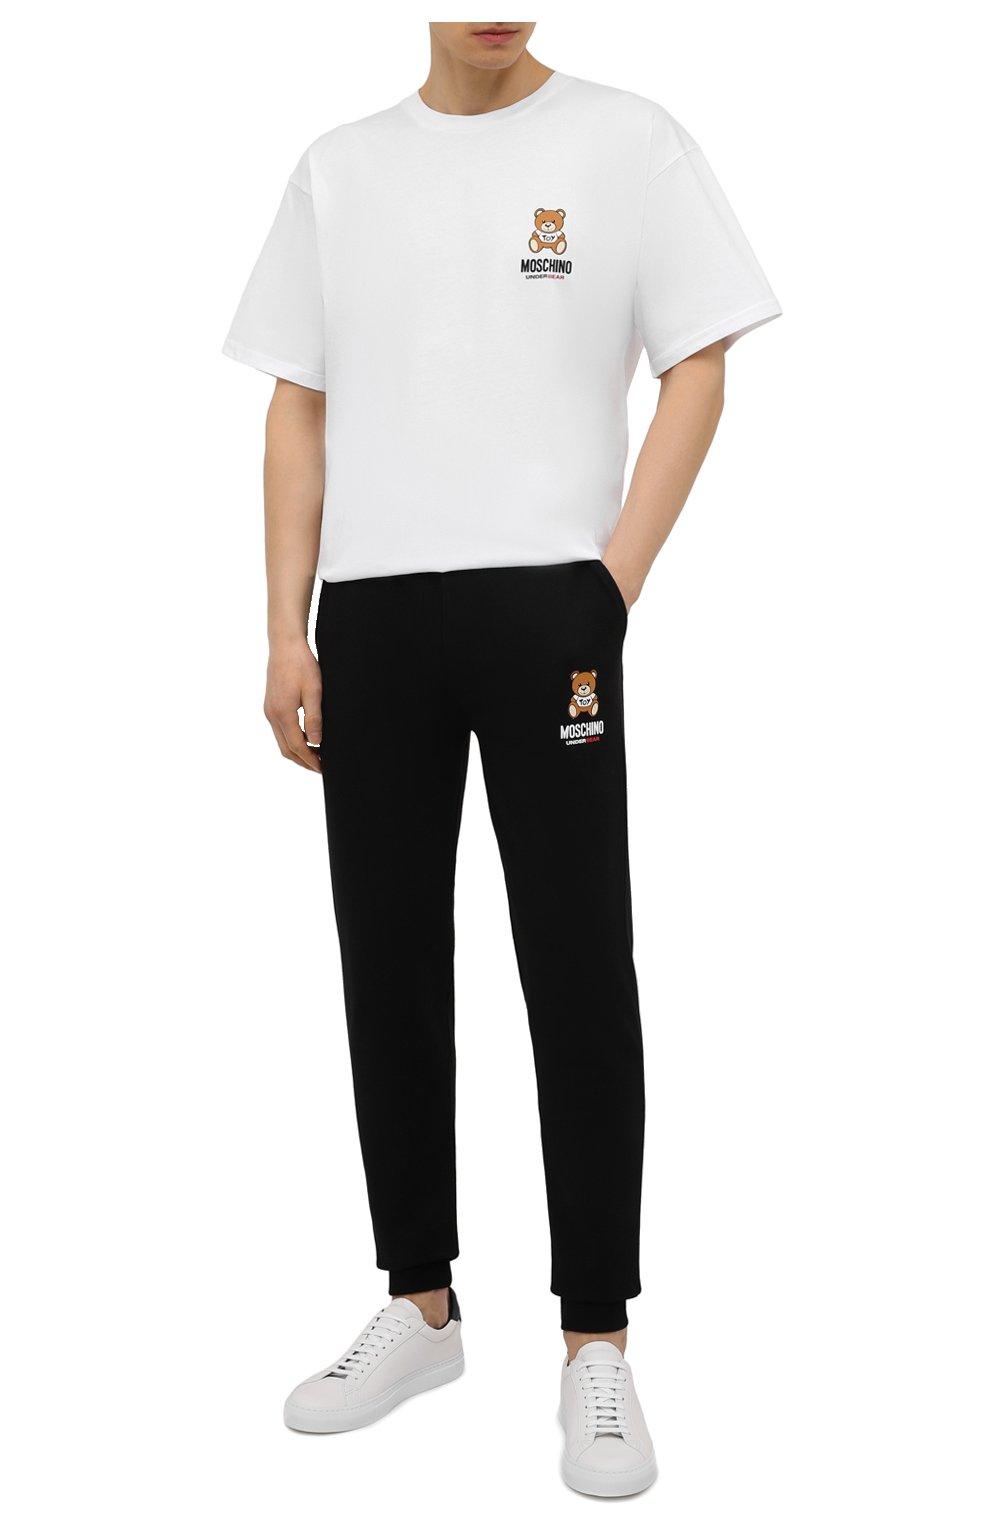 Мужская хлопковая футболка MOSCHINO белого цвета, арт. A1923/8125   Фото 2 (Кросс-КТ: домашняя одежда; Рукава: Короткие; Длина (для топов): Стандартные; Материал внешний: Хлопок; Мужское Кросс-КТ: Футболка-белье)